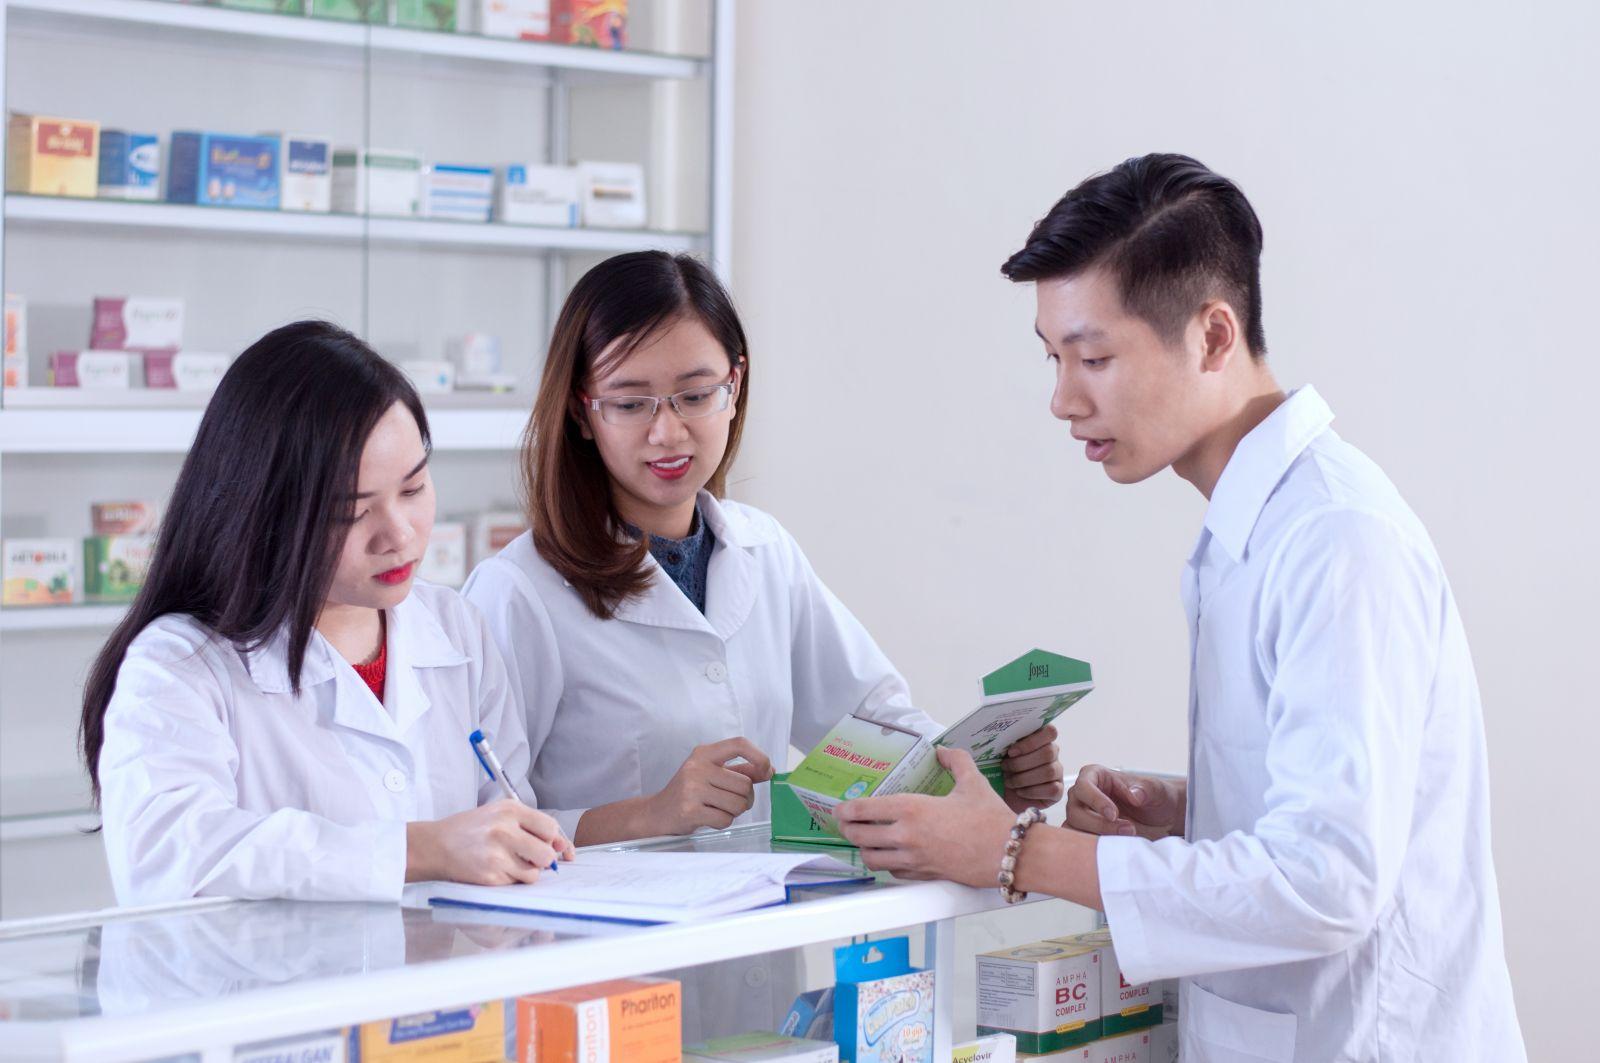 ngành dược học ra làm gì